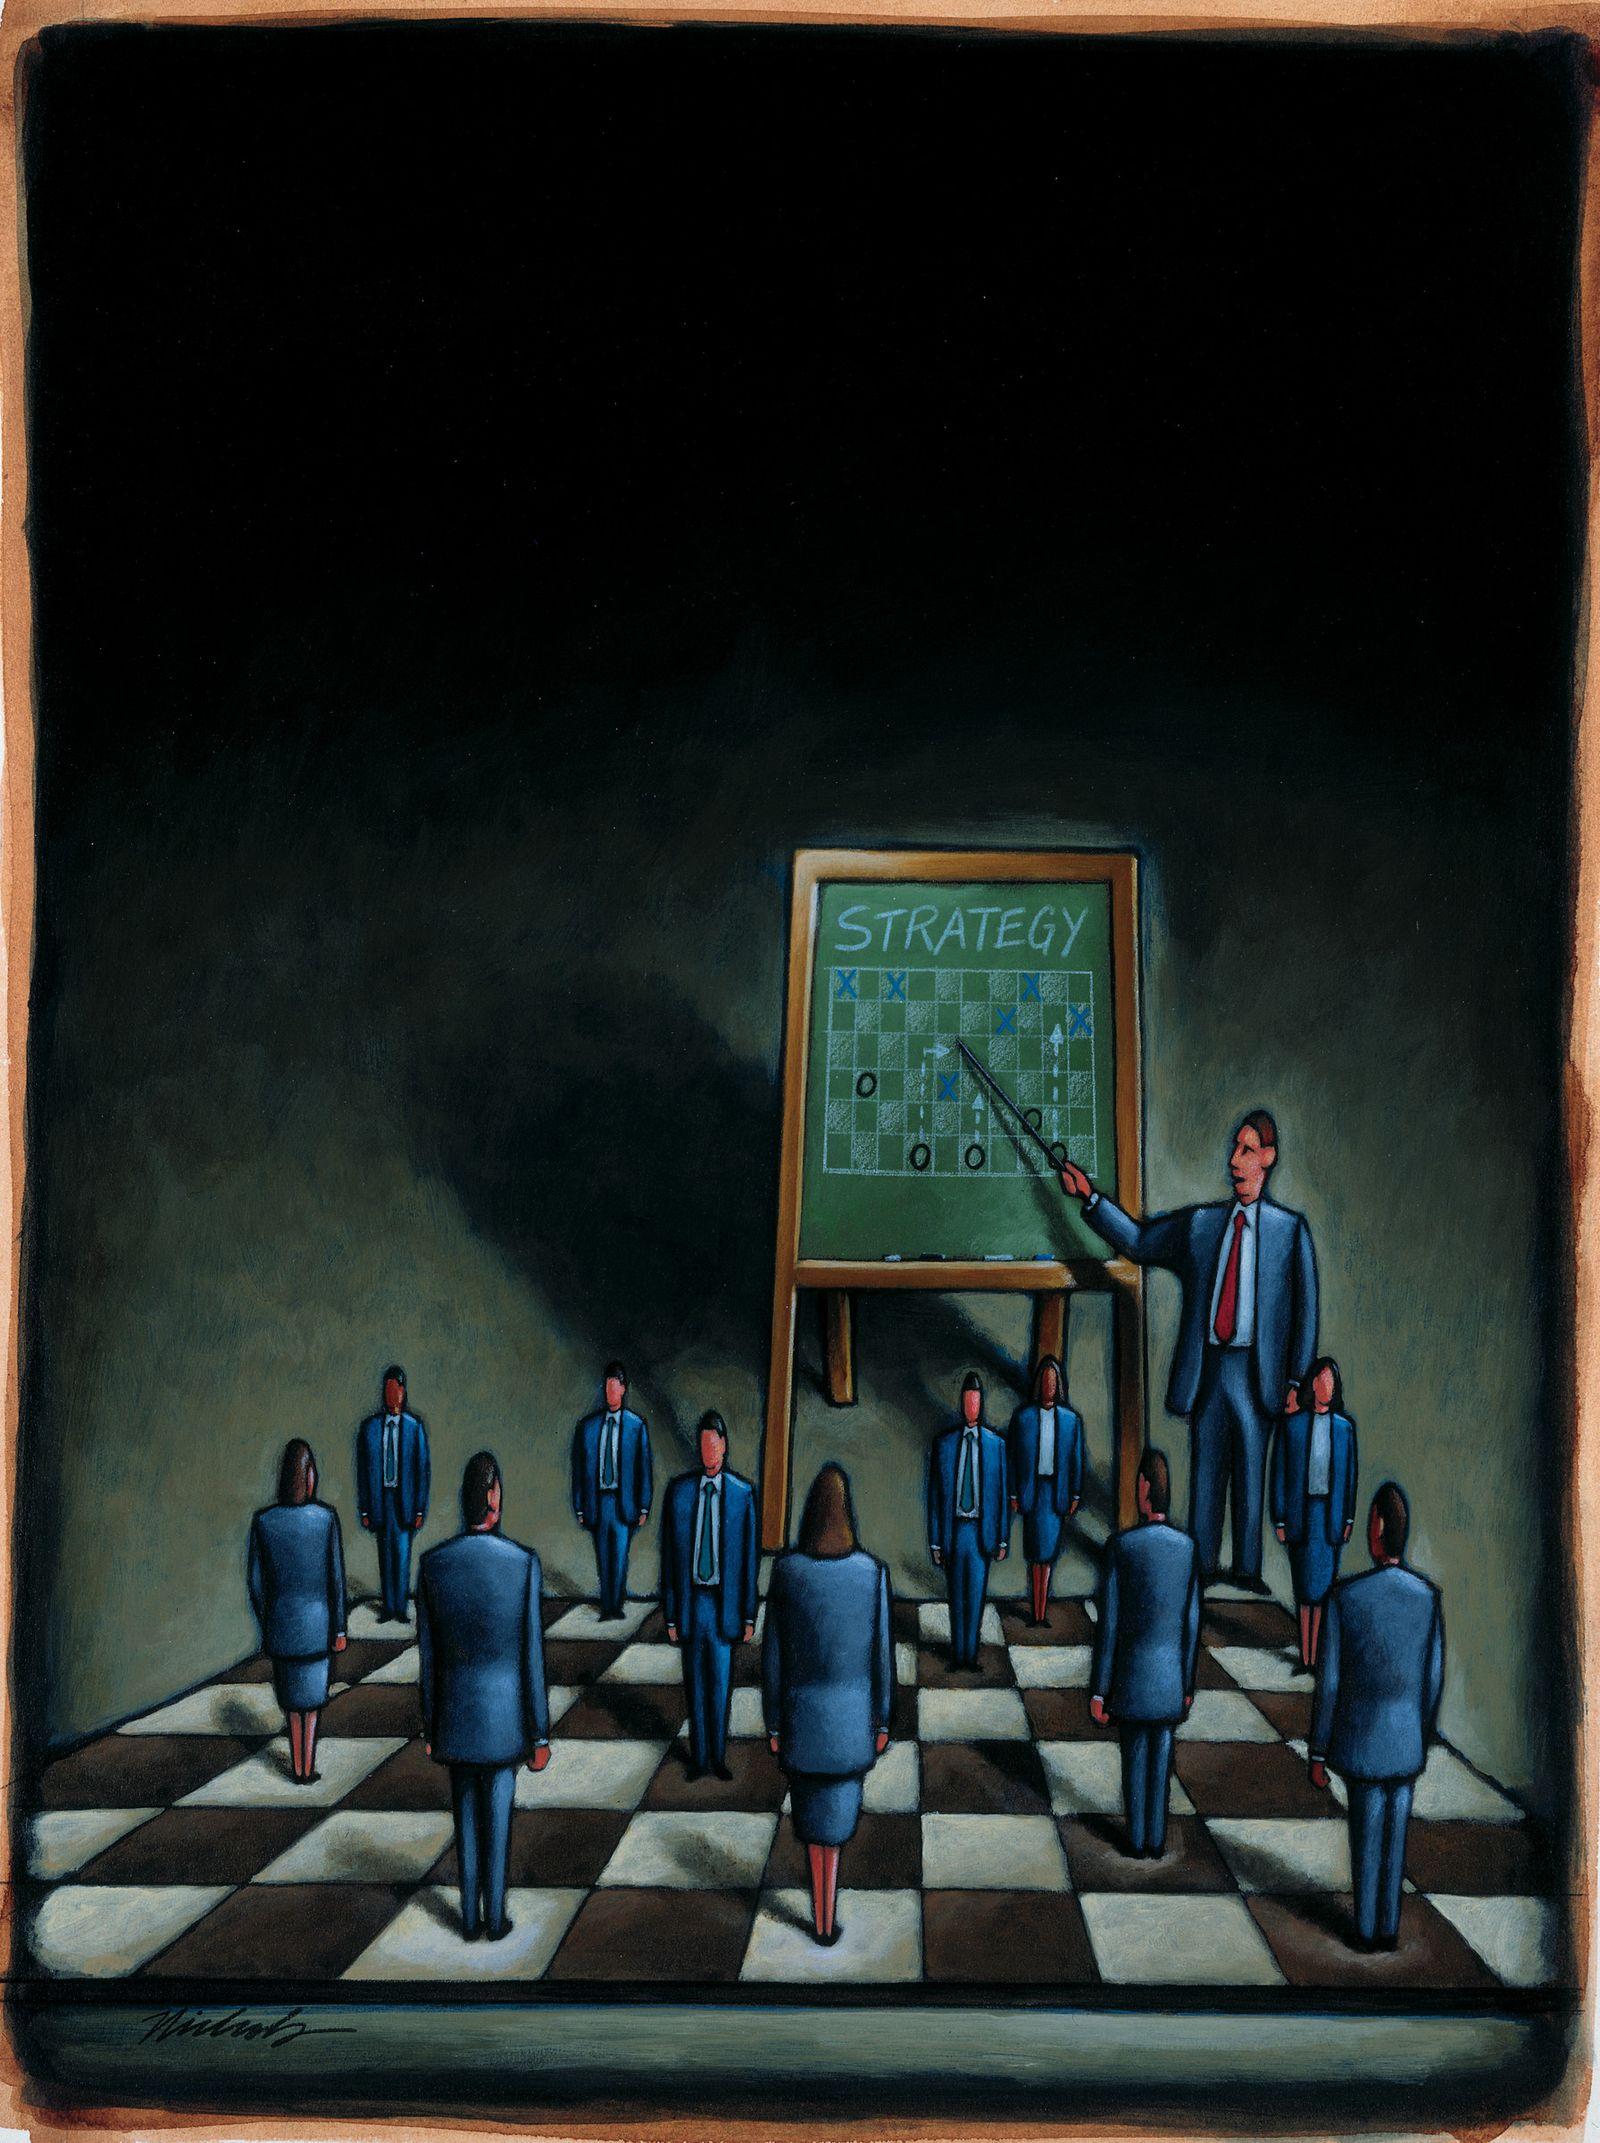 NICHT MEHR VERWENDEN! - Coach / Strategie / Schach / Manager